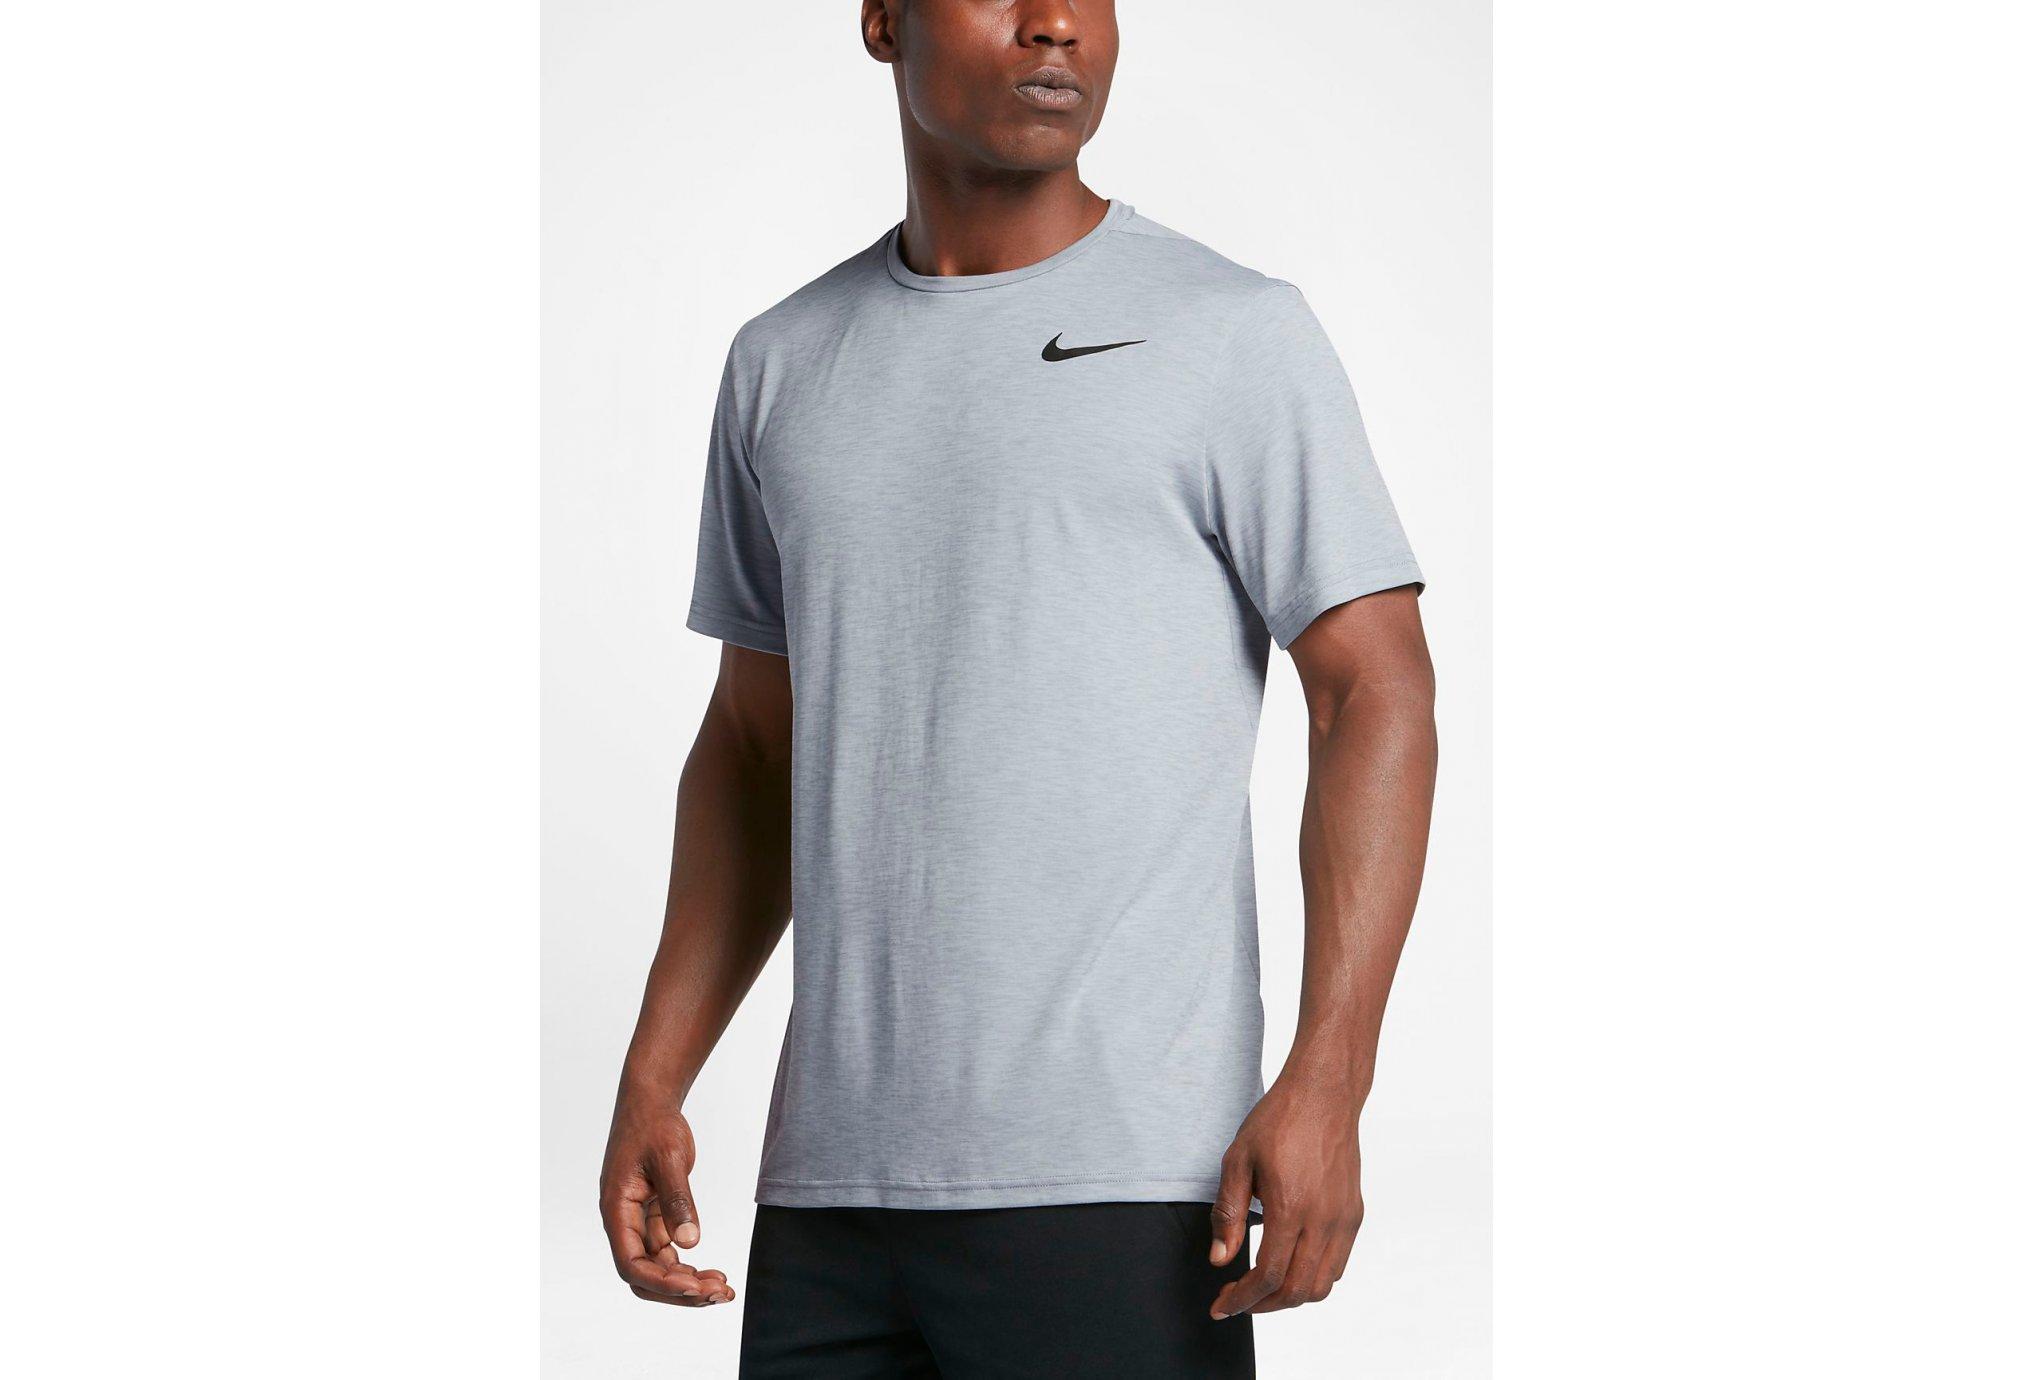 Trail Session - Nike Breathe Hypercool M Diététique Vêtements homme 0b43be46226d